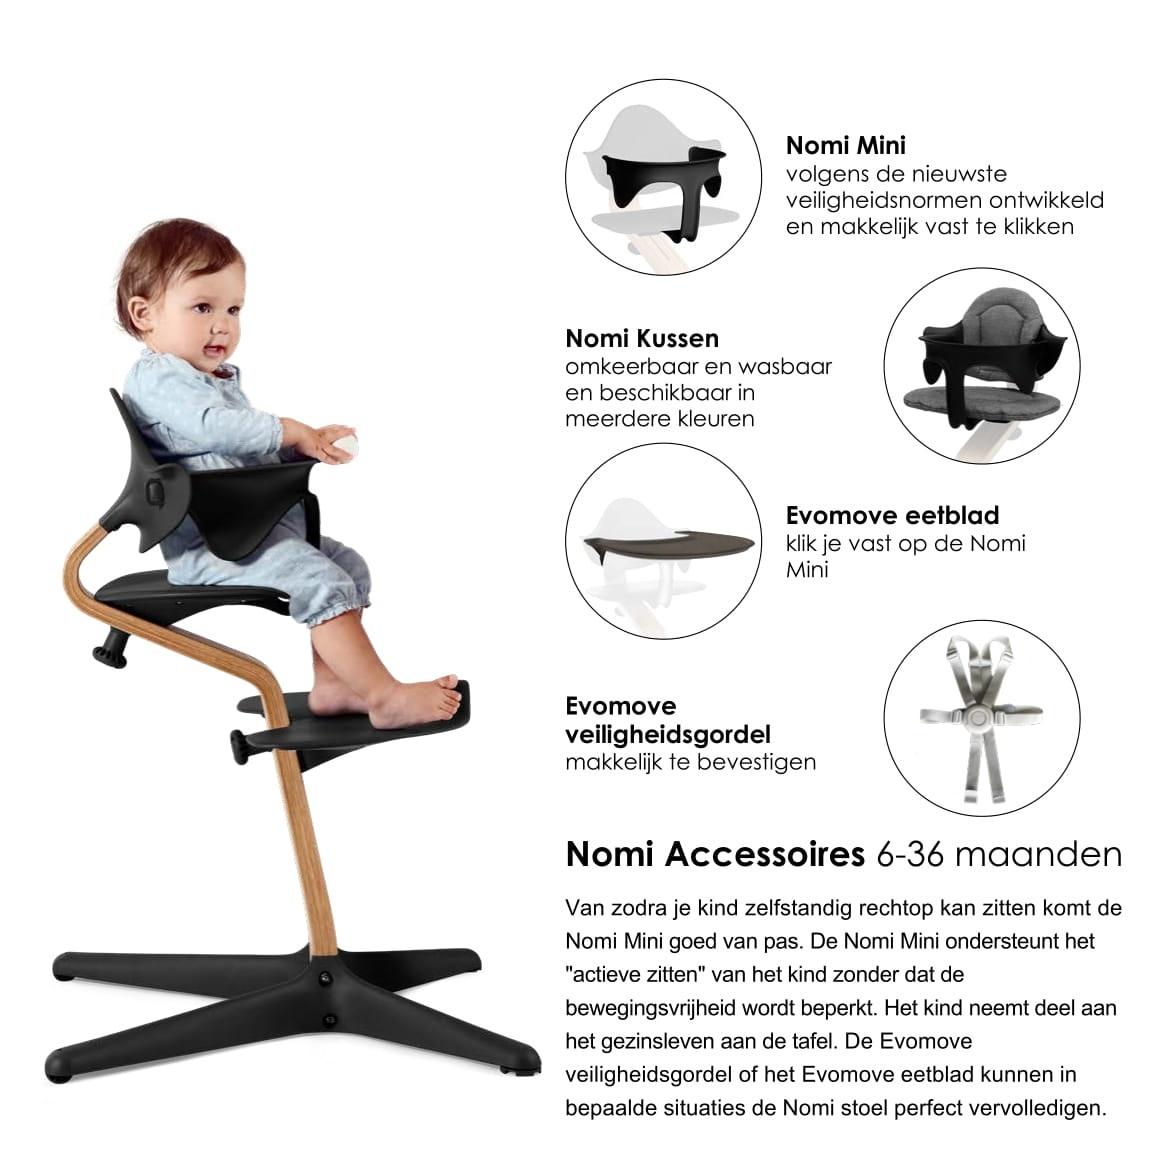 Nomi NOMI highchair: de meest complete meegroeistoel met Basis met stoel, Zitkussen, Beugel, Tray, Wipper incl. matrasje, Harnas en Speelboog - Basis eiken wit oiled, stoel Lime